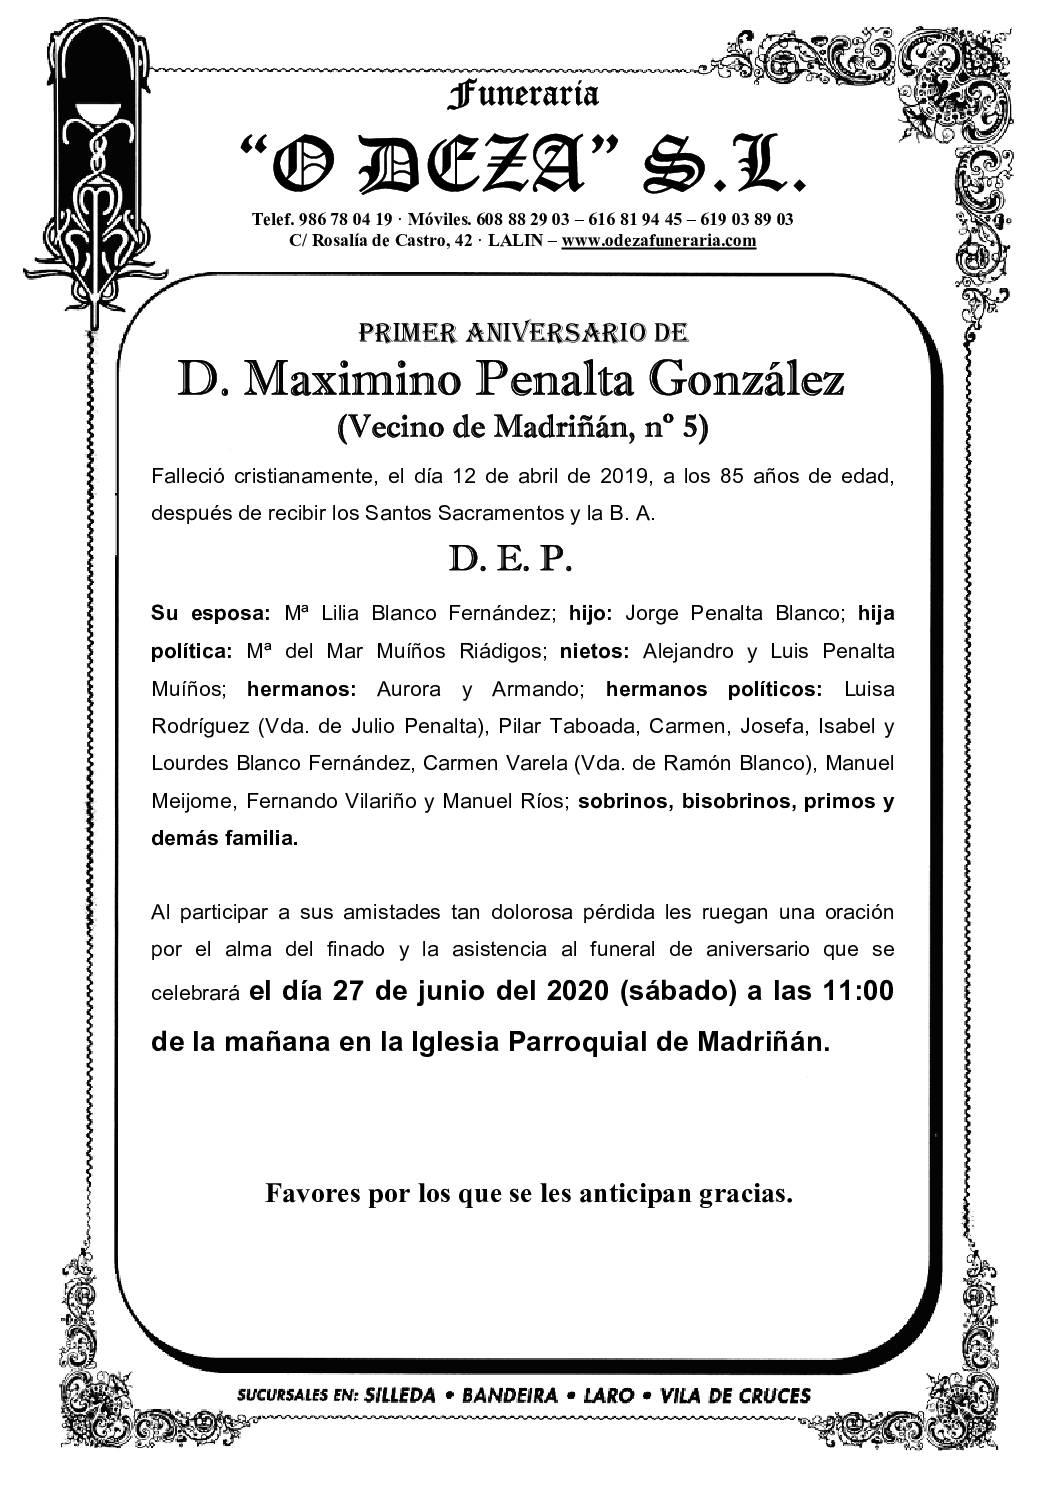 D. MAXIMINO PENALTA GONZÁLEZ